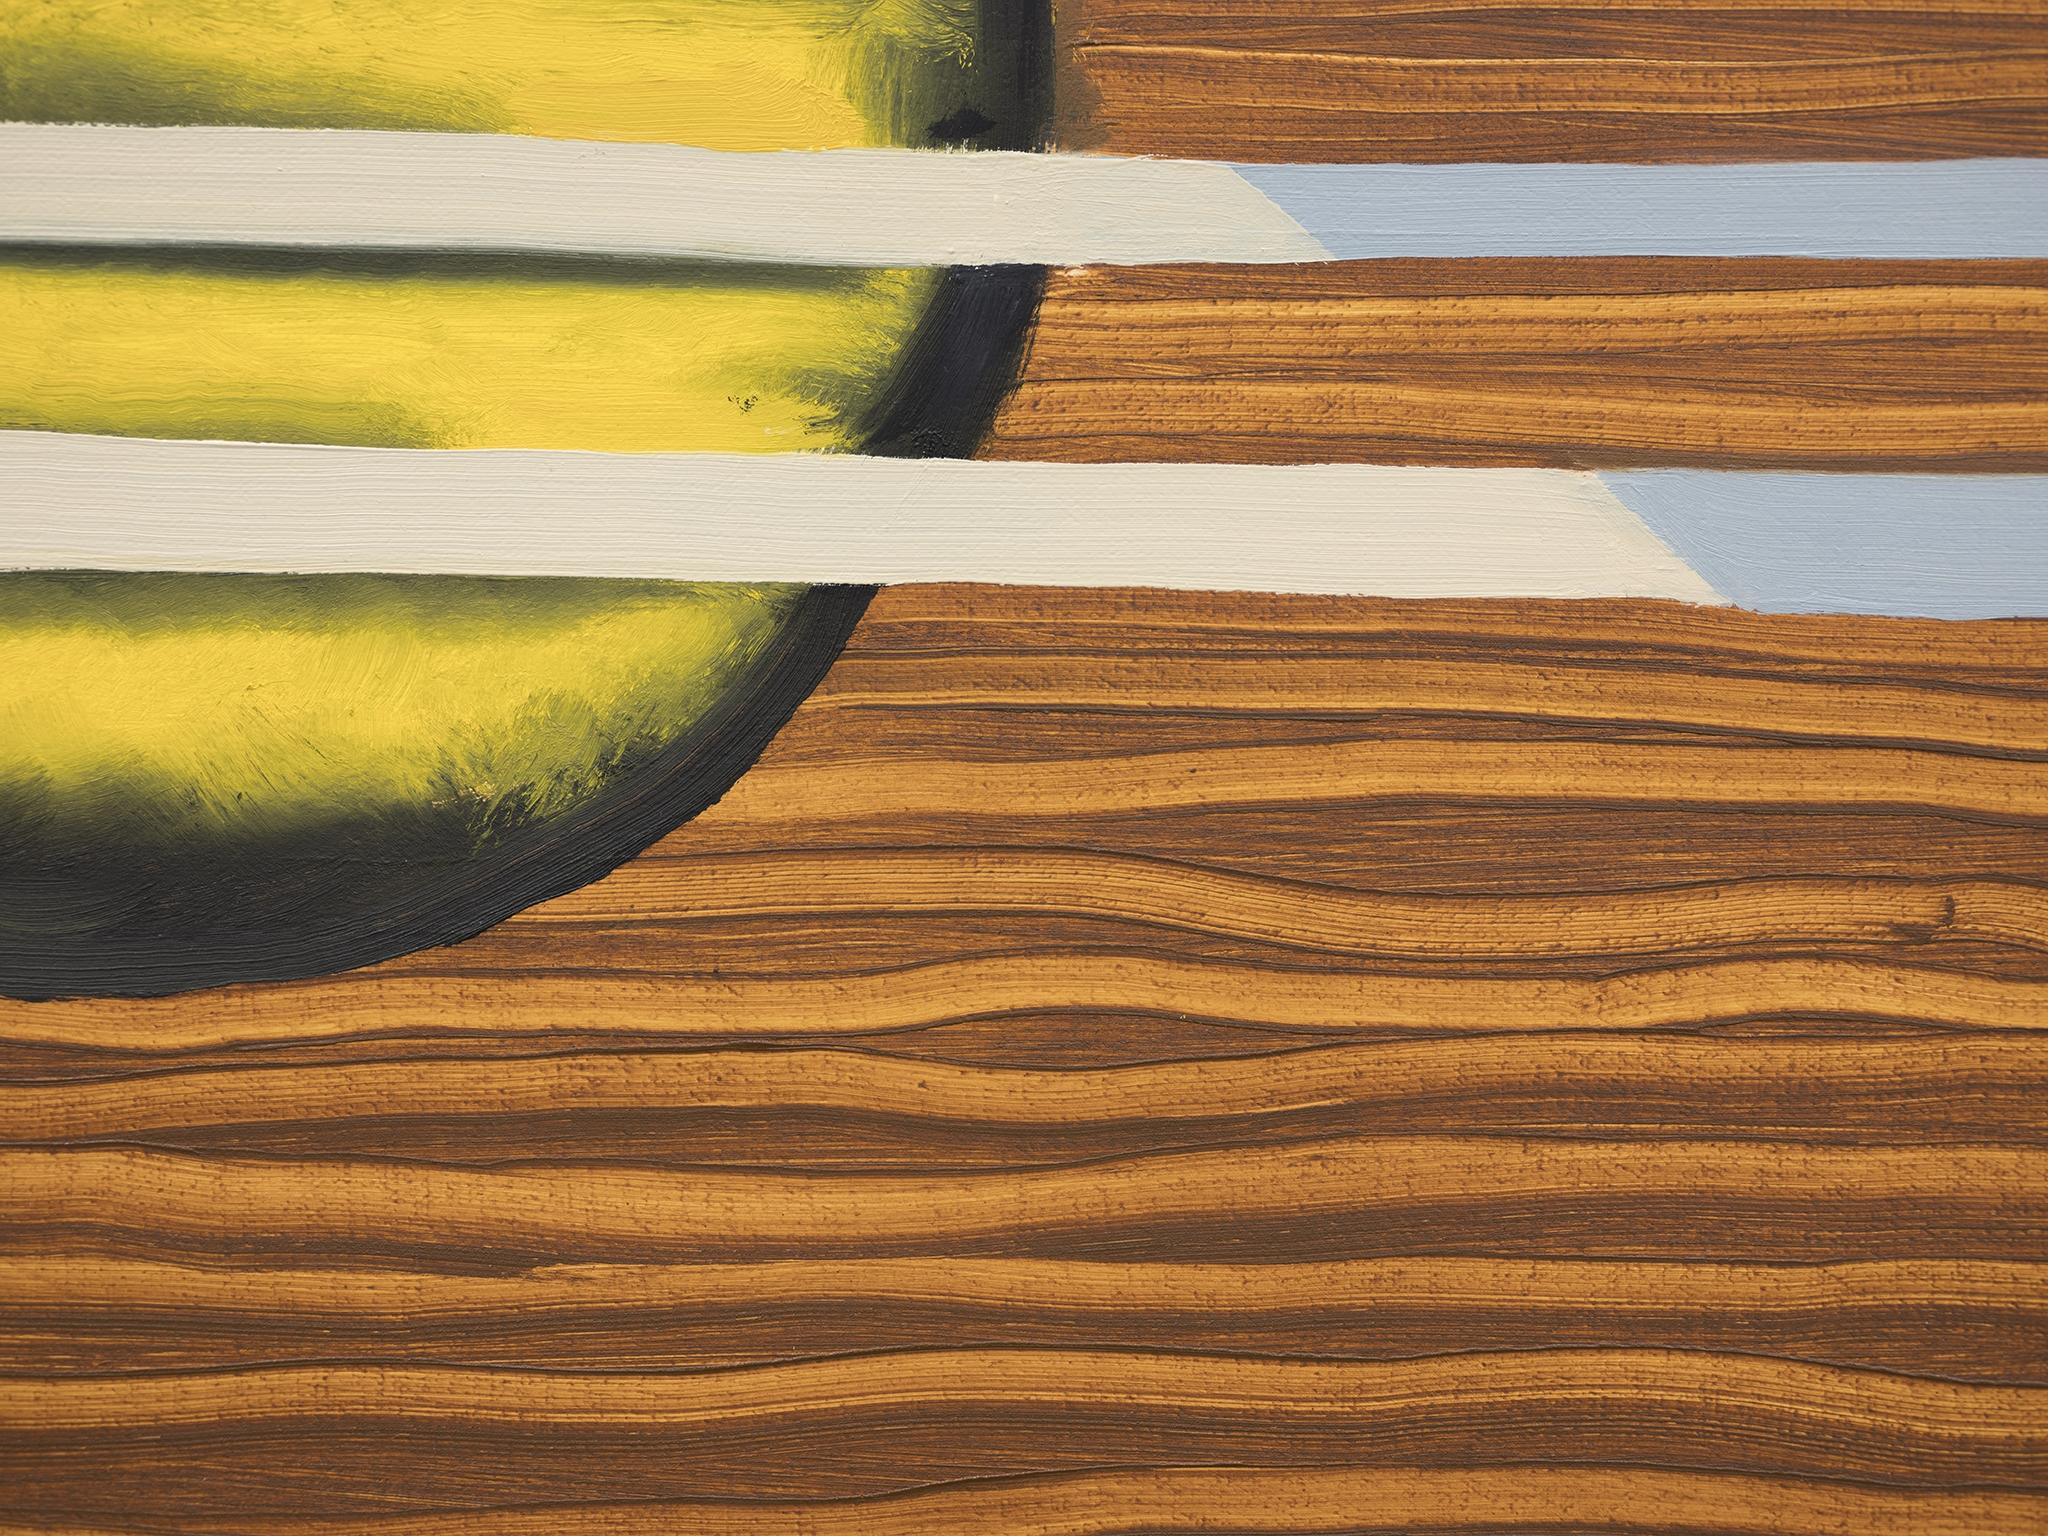 Elizabeth McIntosh, Guitar Guitar (detail), 2019, oil on canvas, 78 x 72 in. (198 x 183 cm) by